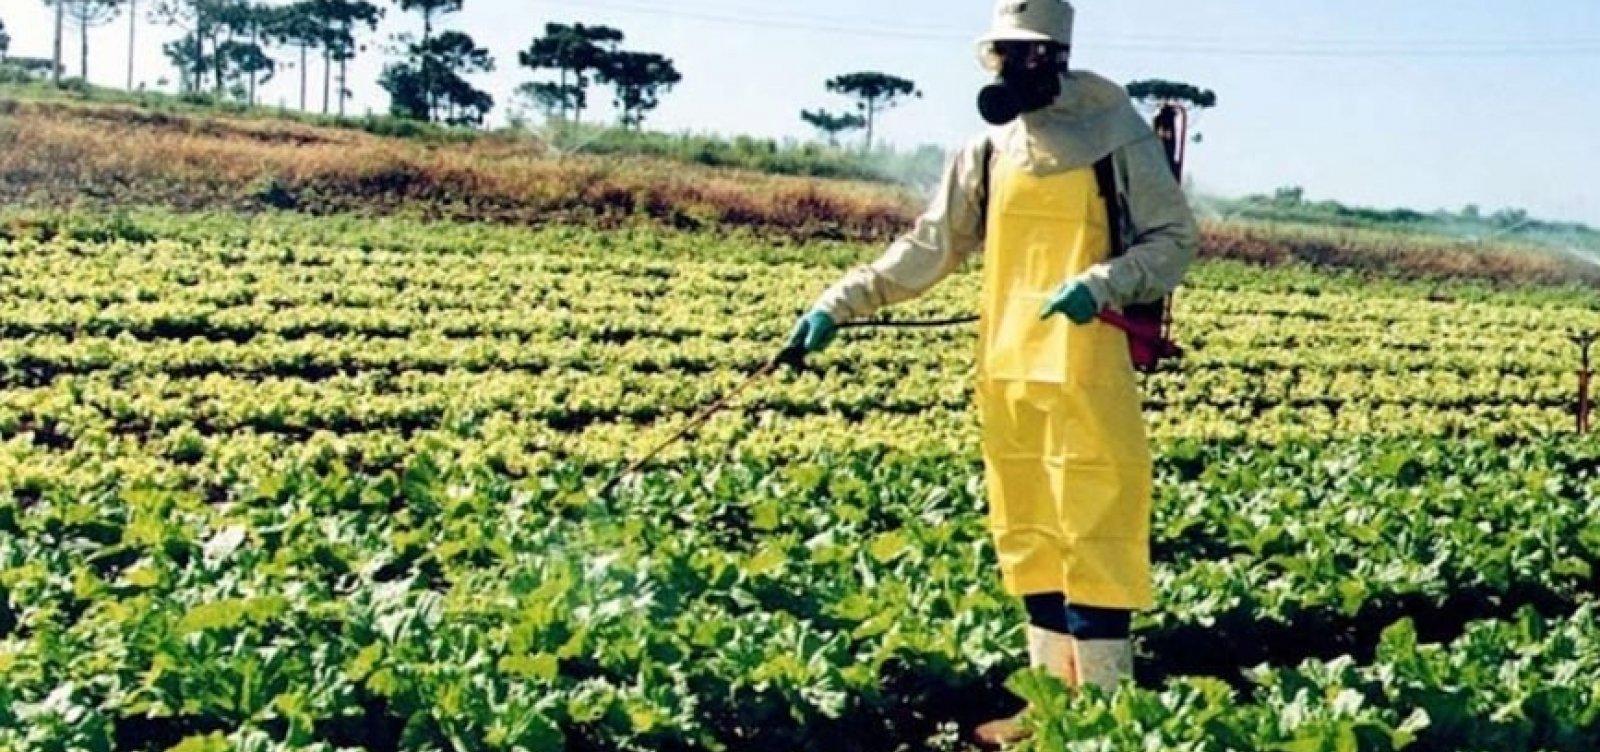 Novo decreto do Governo Federal deve simplificar registros de defensivos agrícolas